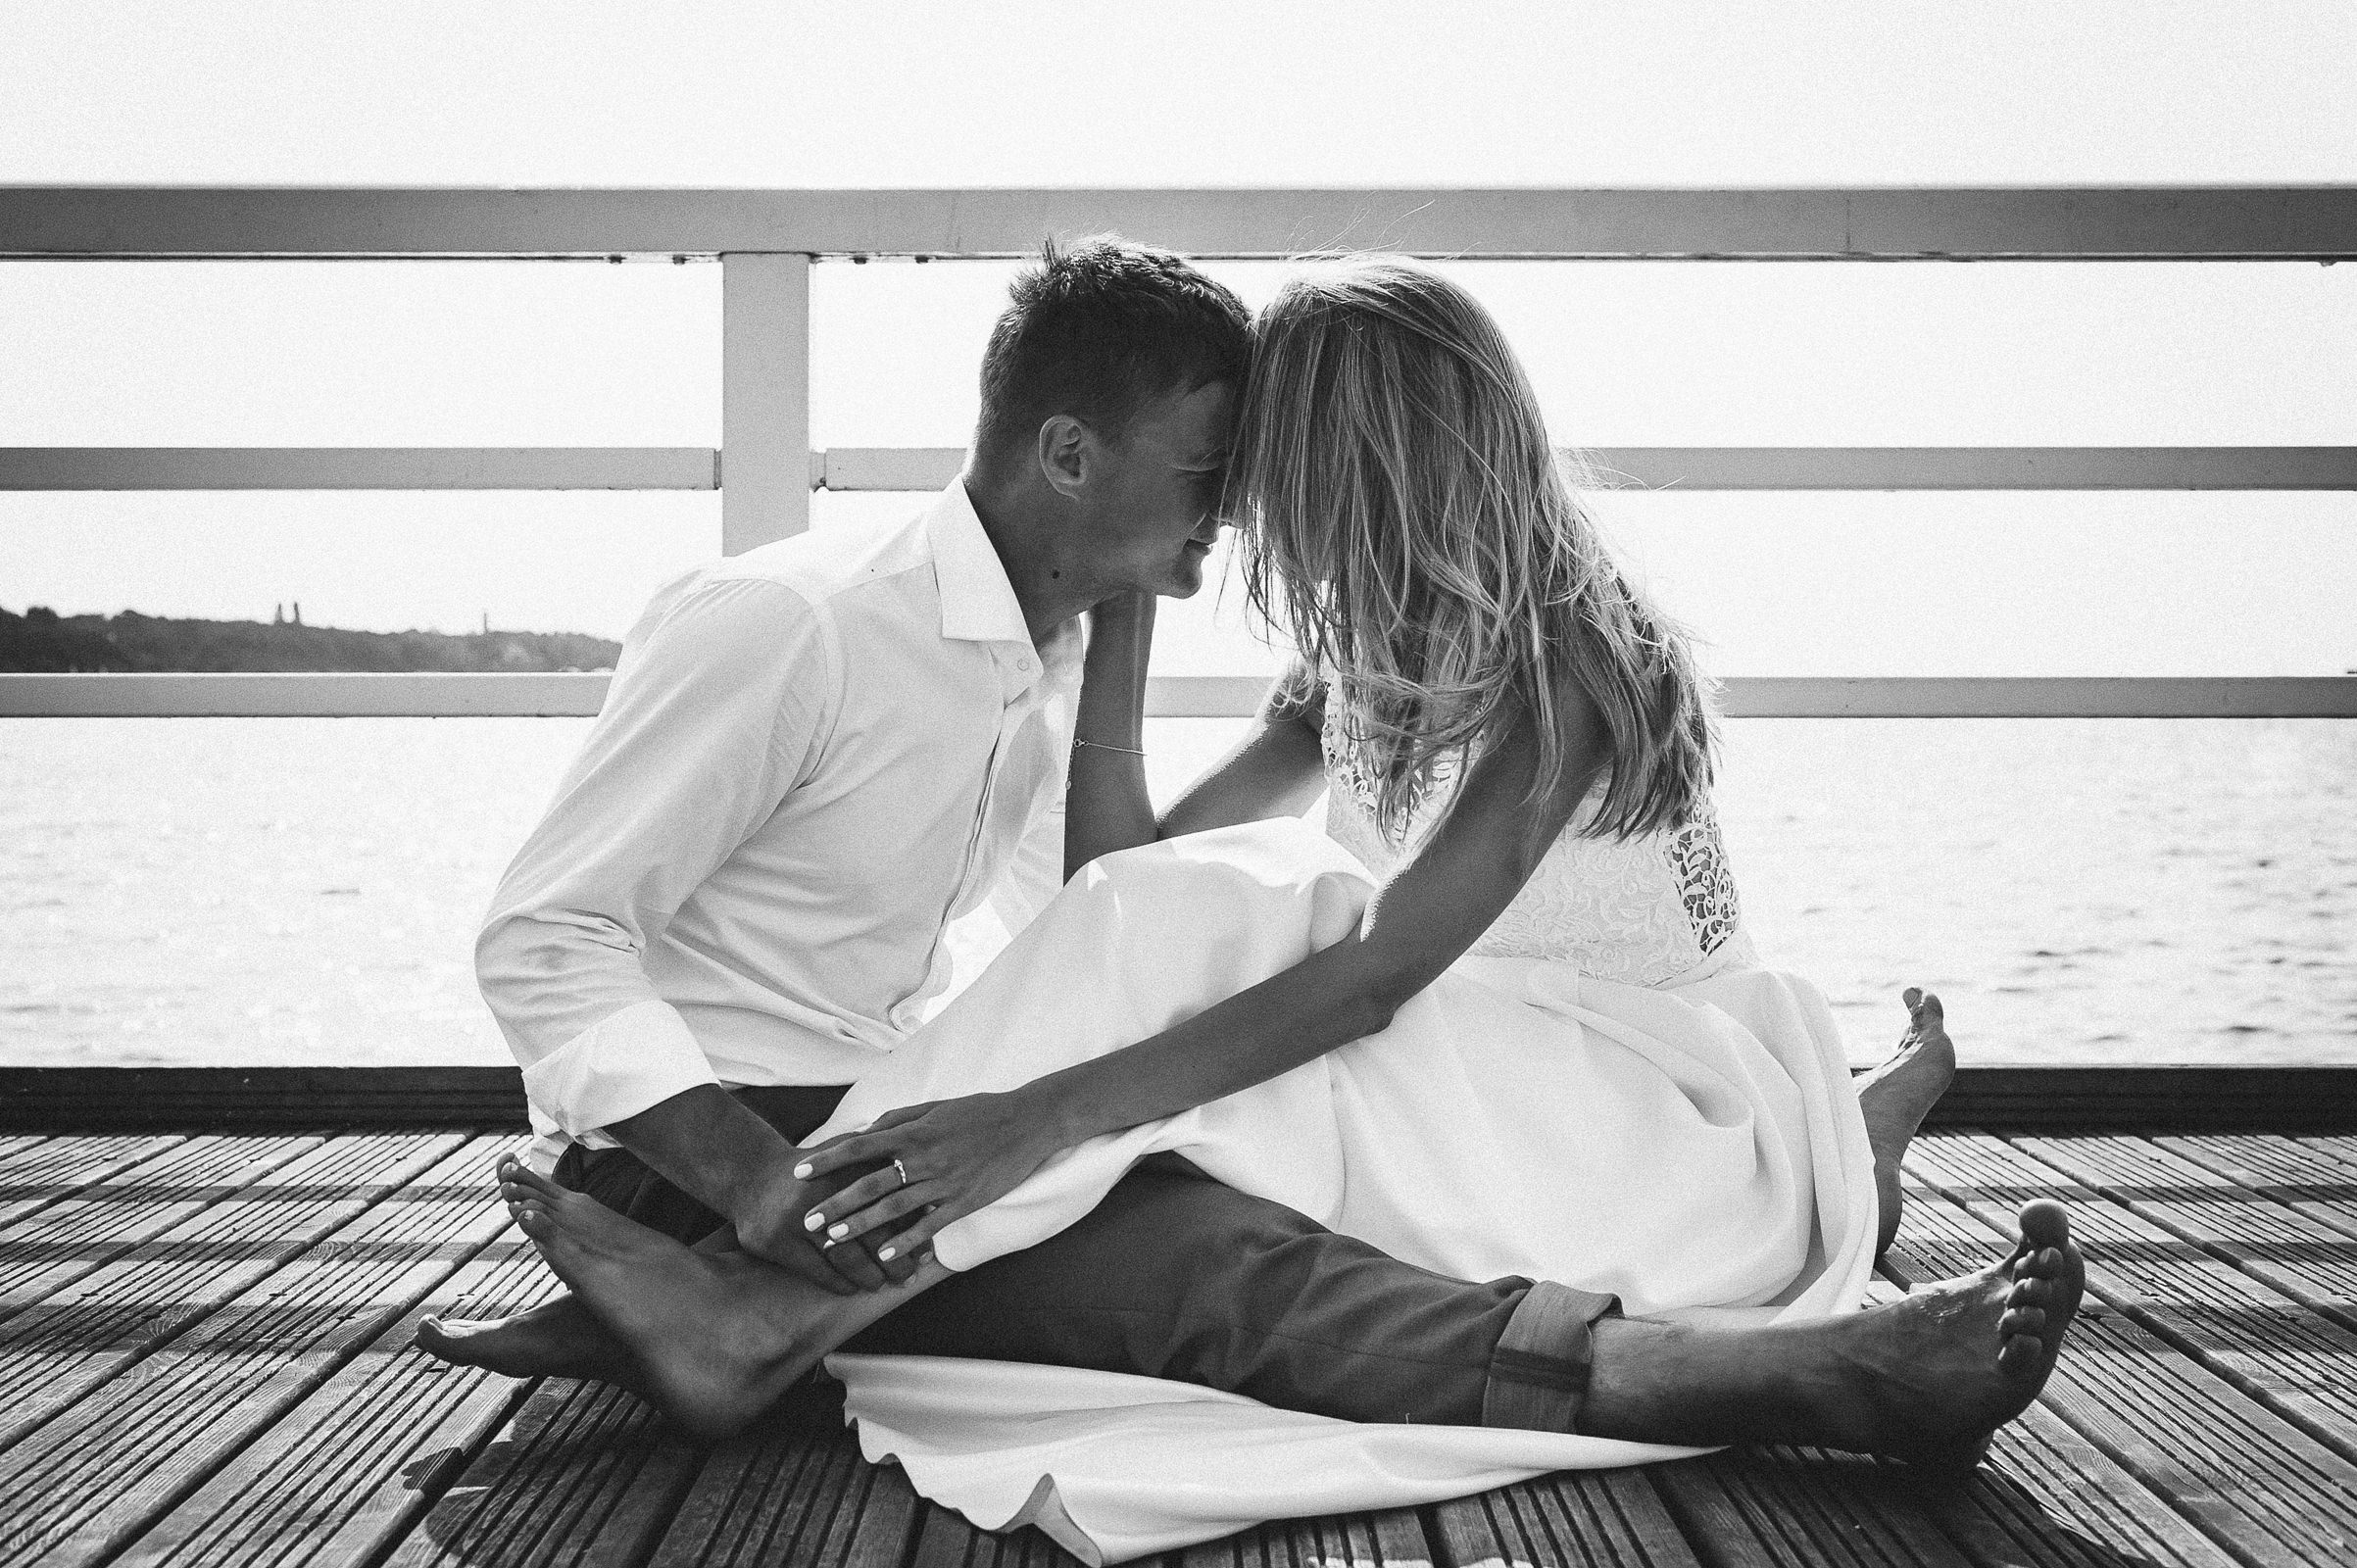 czarno białe zdjęcie pary młodej w objęciach